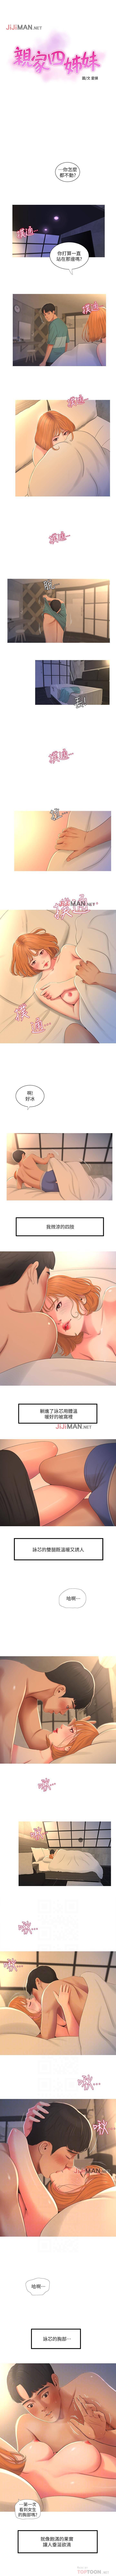 【周四连载】亲家四姐妹(作者:愛摸) 第1~37话 8